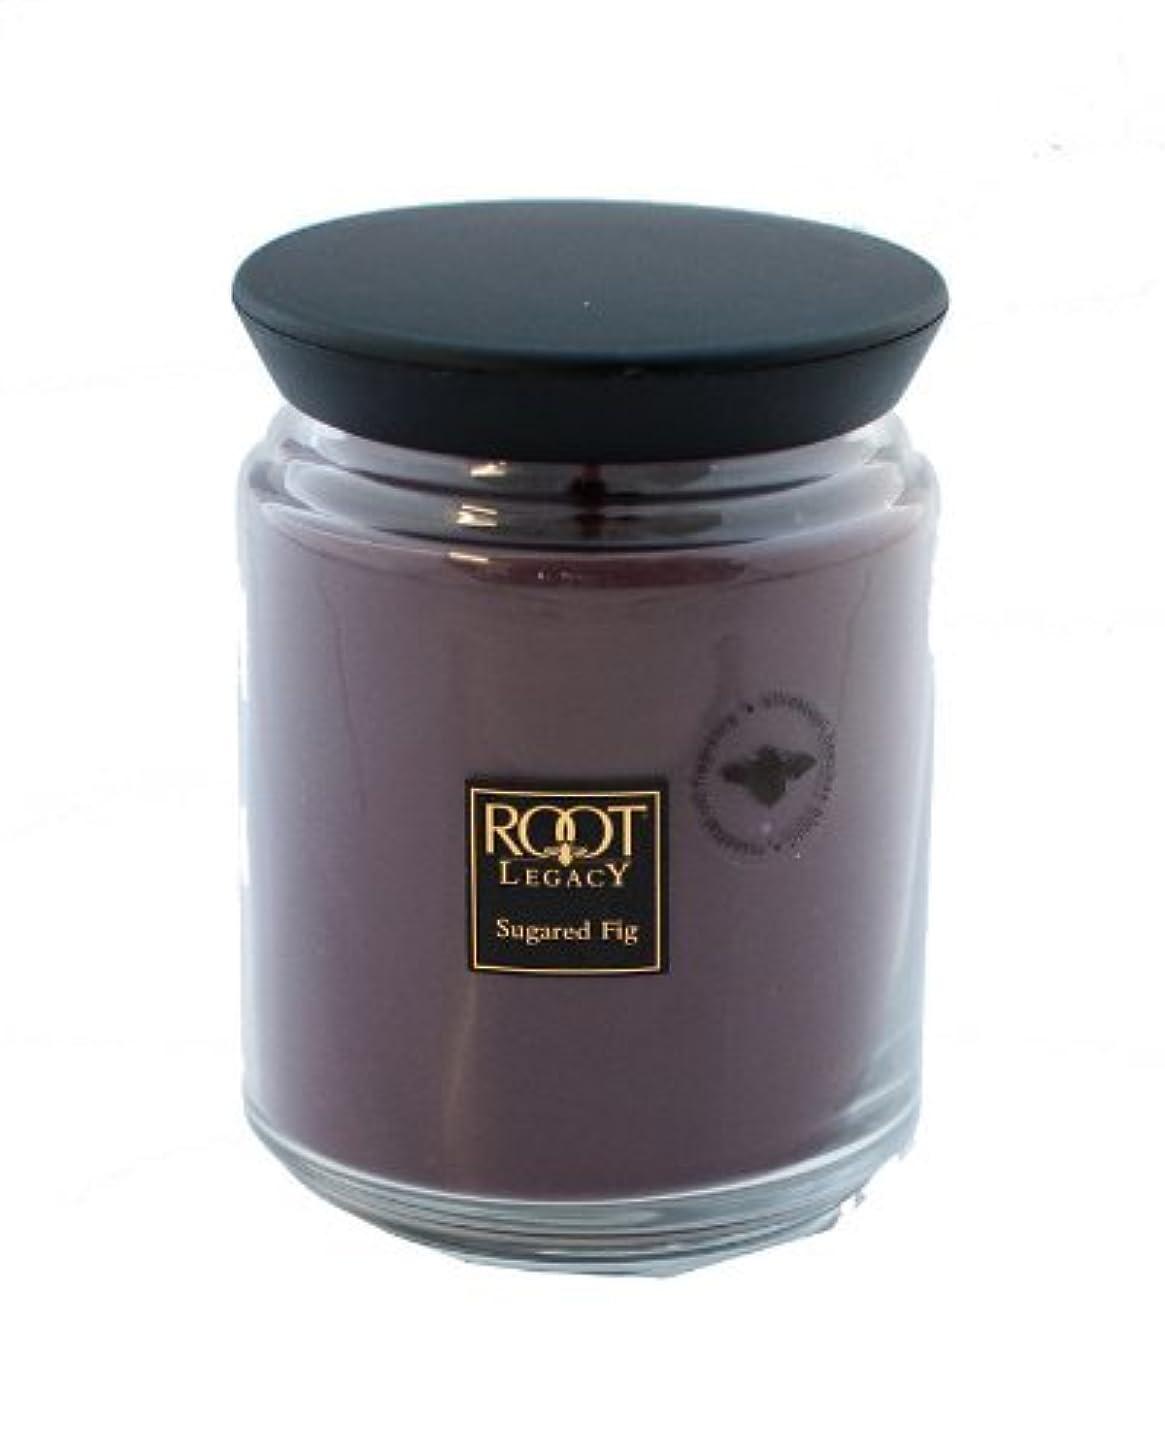 ルートキャンドルQueen Bee Jar Large Sugared Fig Candleルートキャンドルで、ワックス、パープル